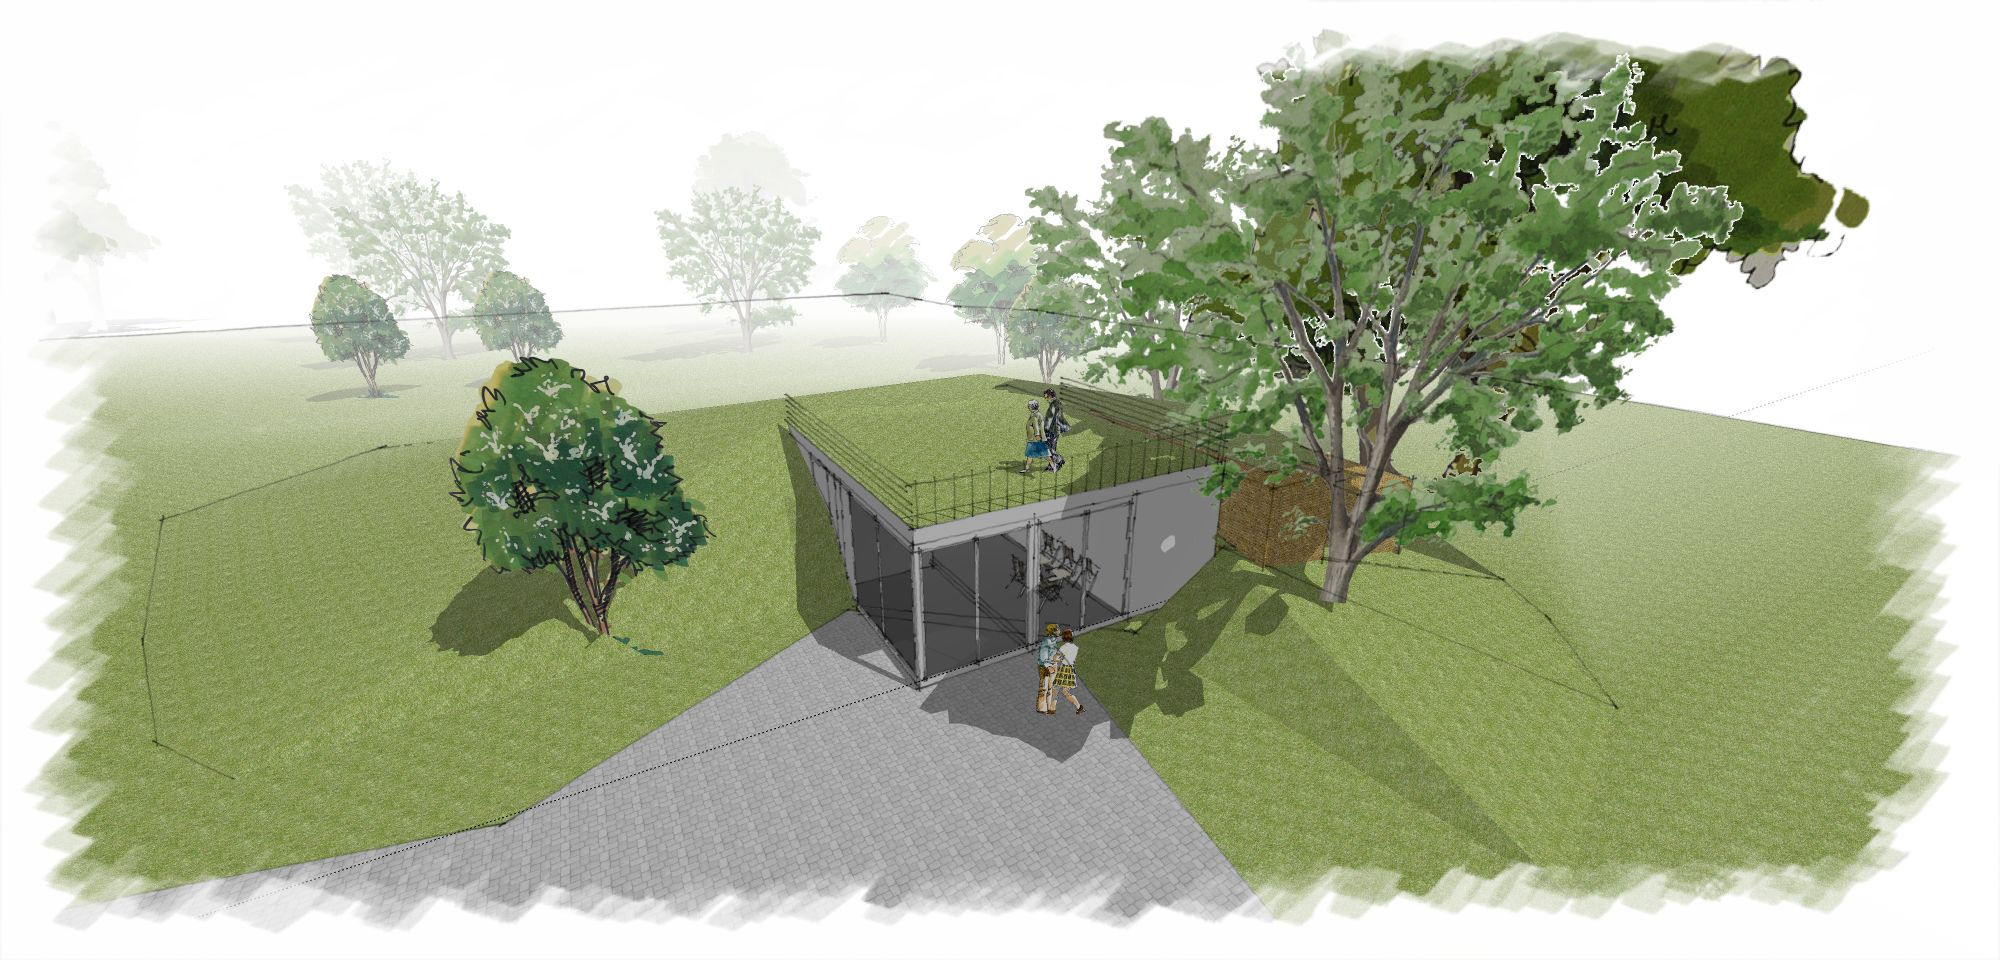 Wizualizacja jednokondygnacyjnego pawilonu na Skwerze Ormiańskim - pawilon z dwóch stron będzie zagłębiony w górkę parkową i otoczony zielenią